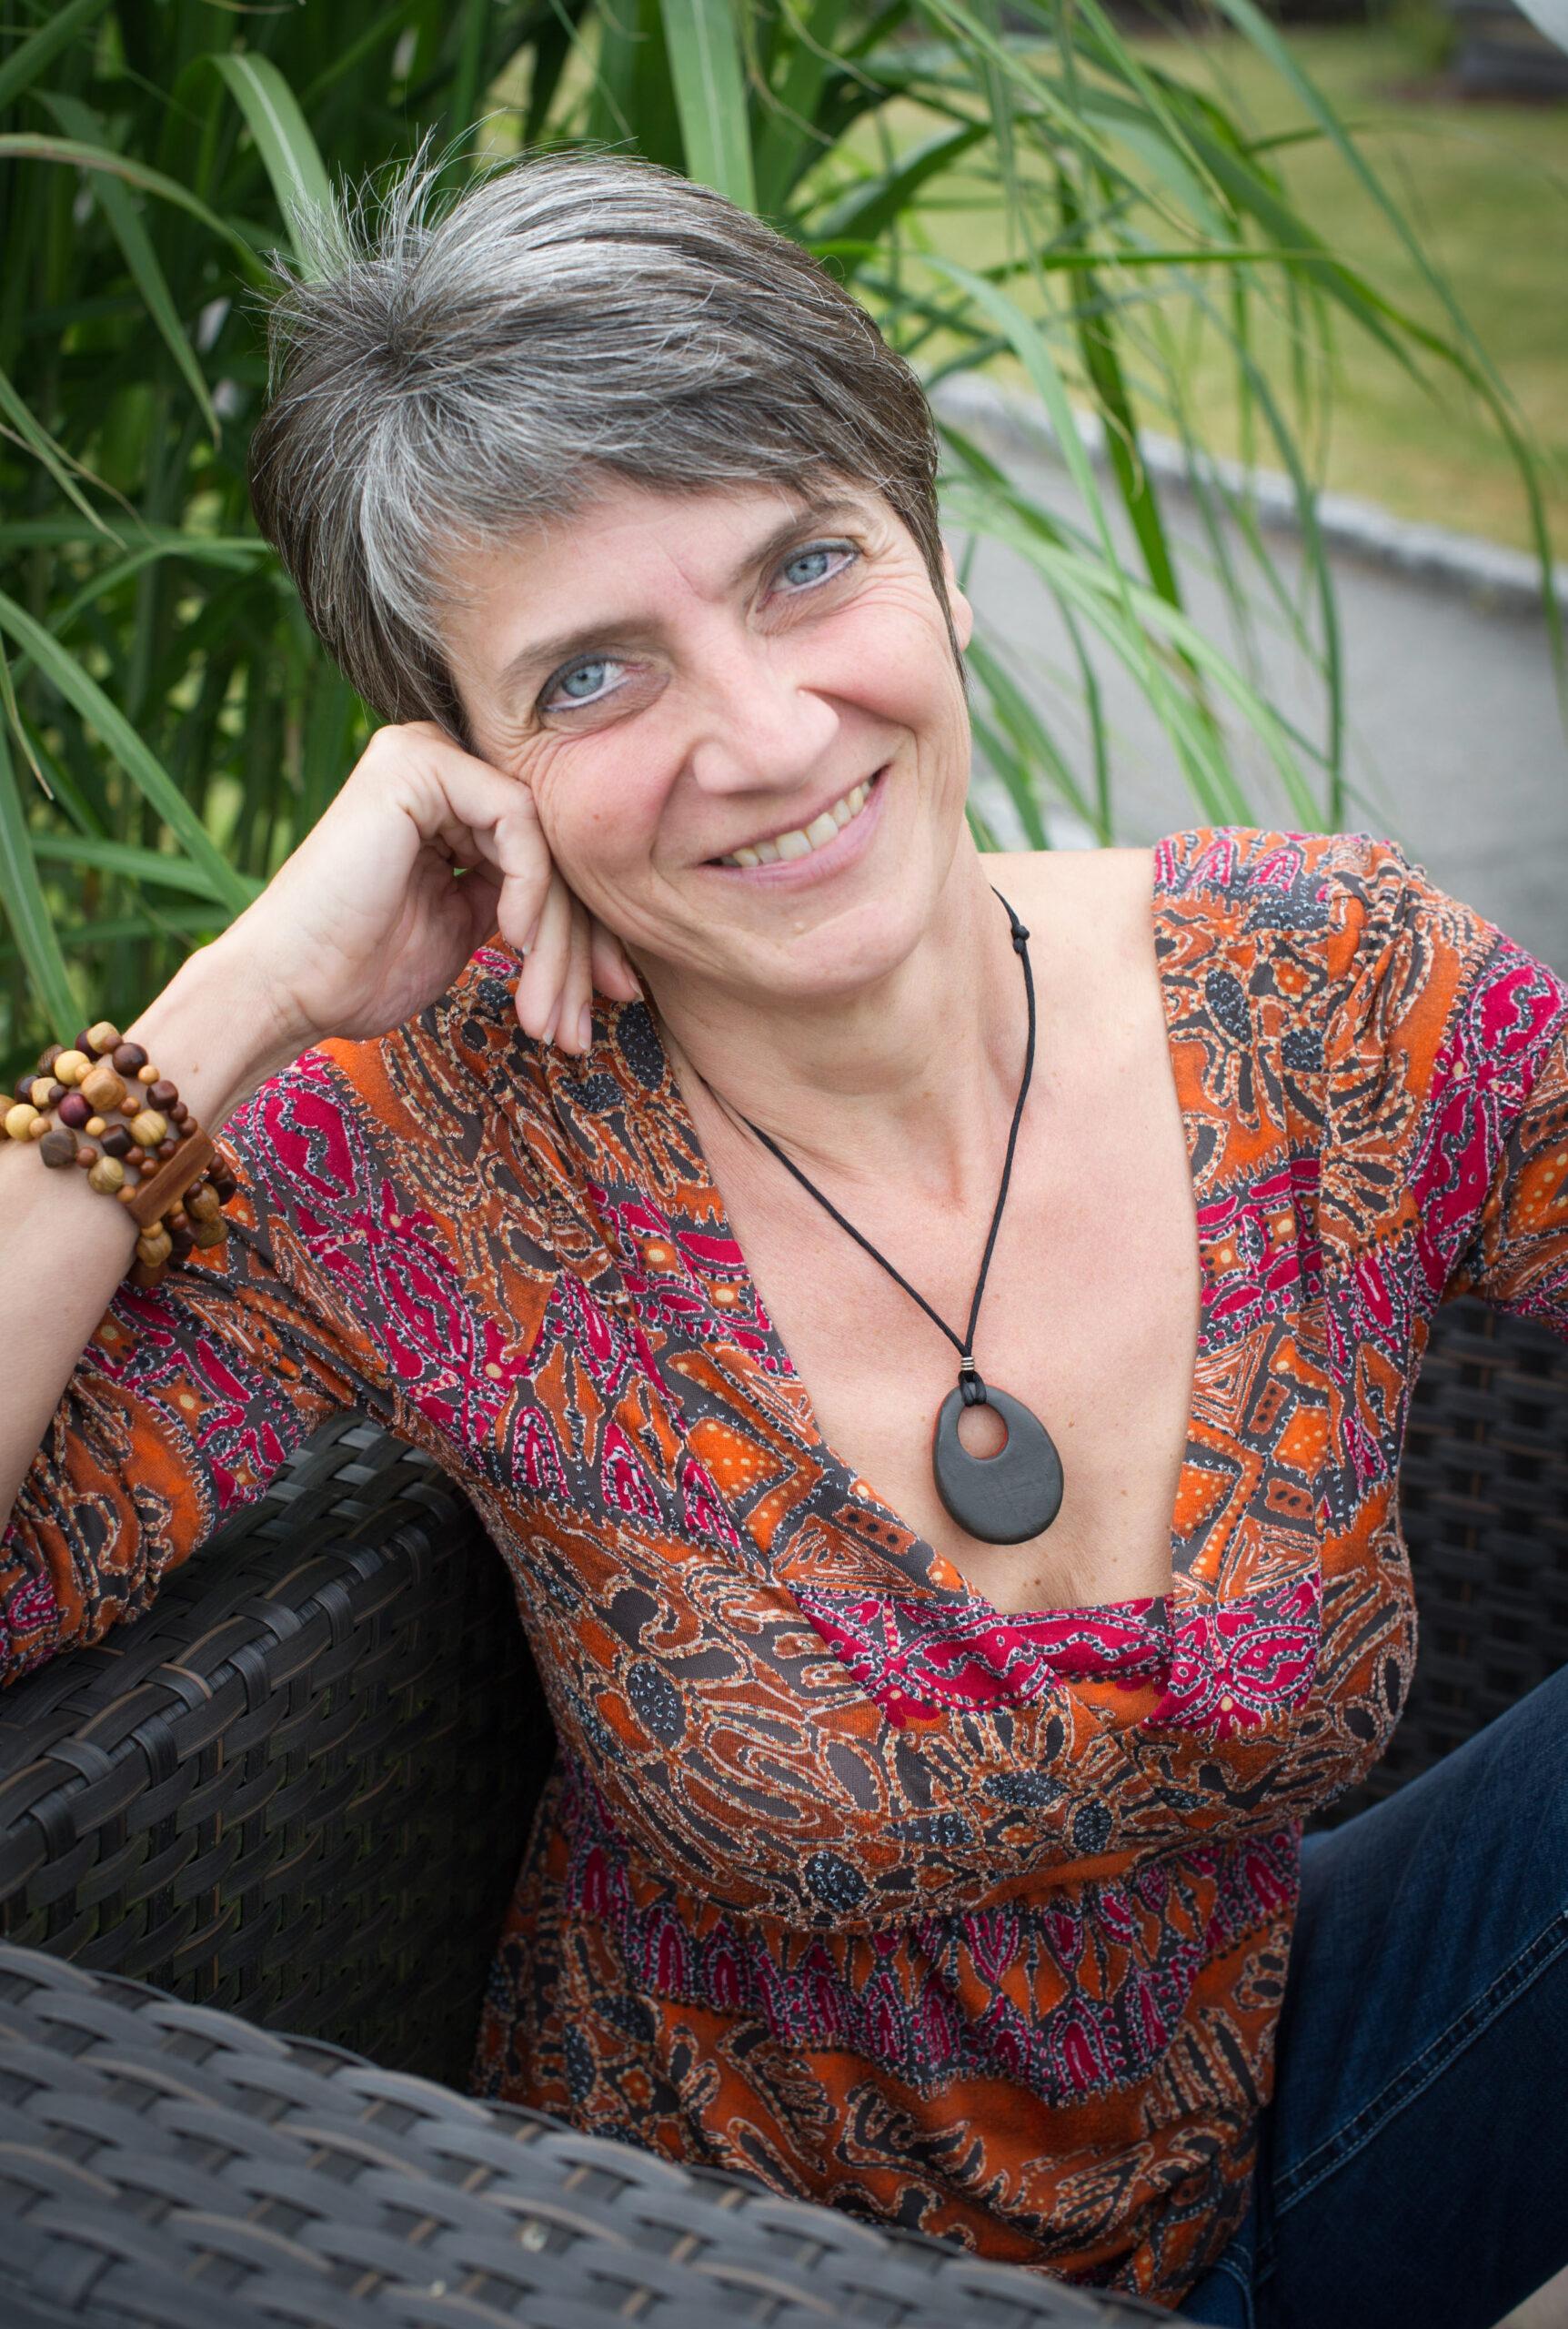 Manuela Kral